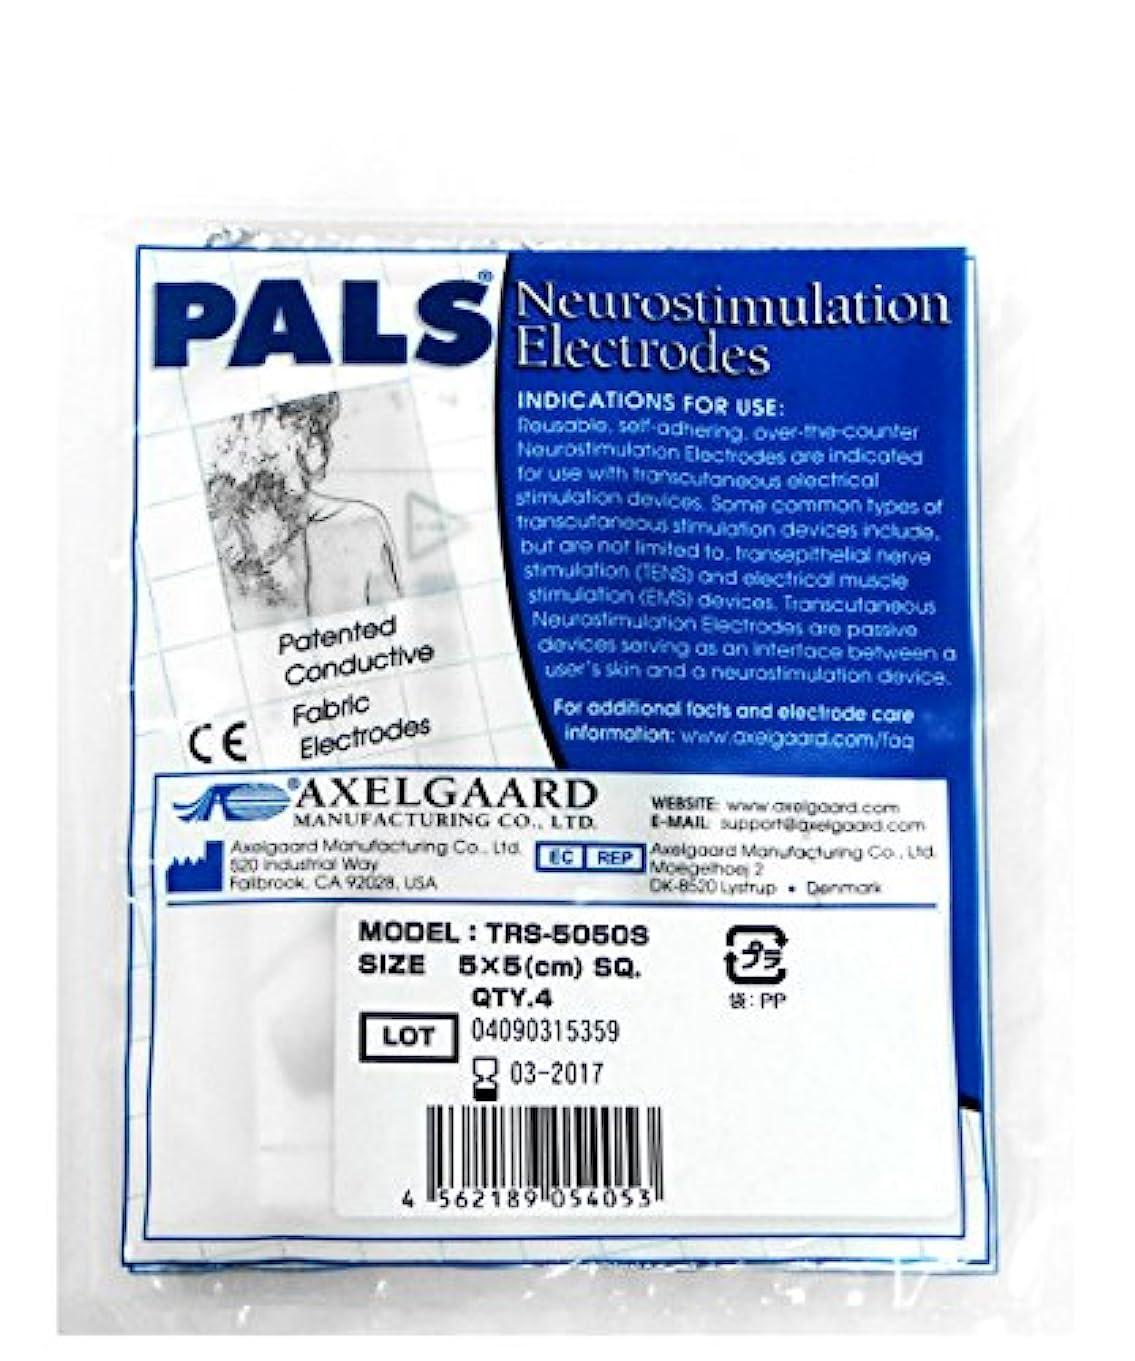 責任者アマゾンジャングル配当ベルフォーマ(Belleforme)敏感肌粘着パッド4枚入り(1袋)  TRS-5050S